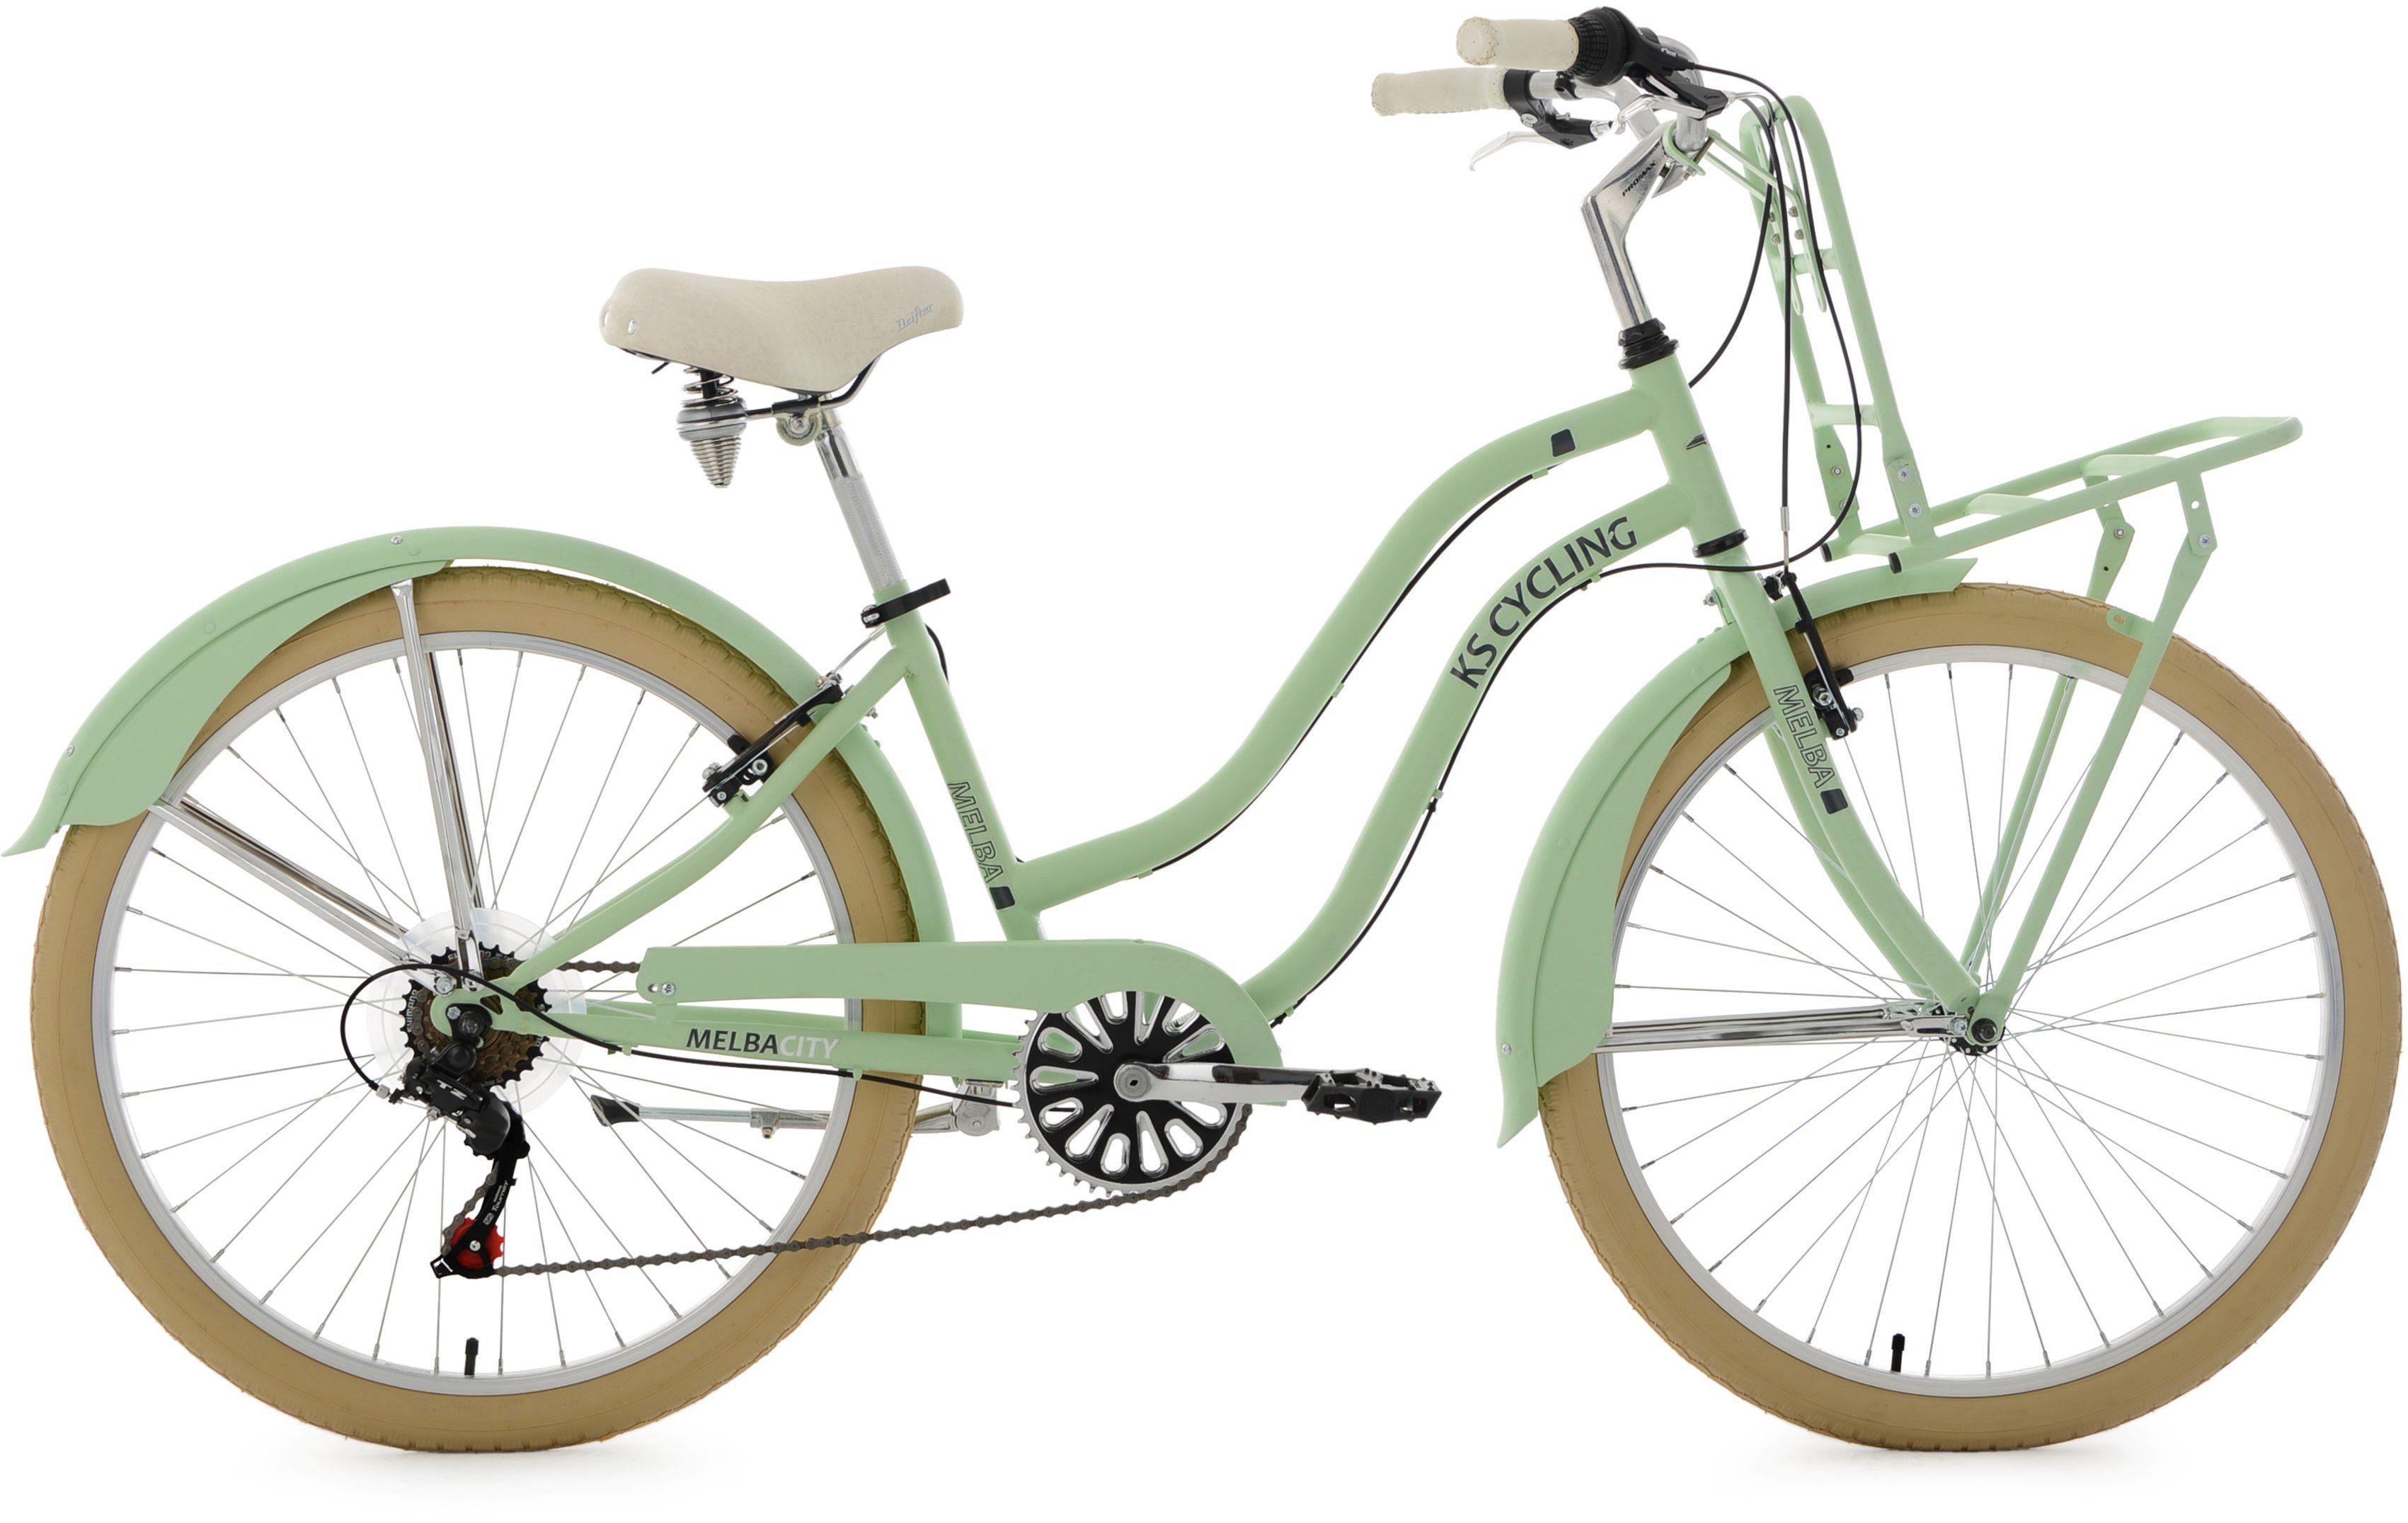 KS Cycling Cruiser »Melba«, 6 Gang Shimano Tourney RD-TZ50 Schaltwerk, Kettenschaltung